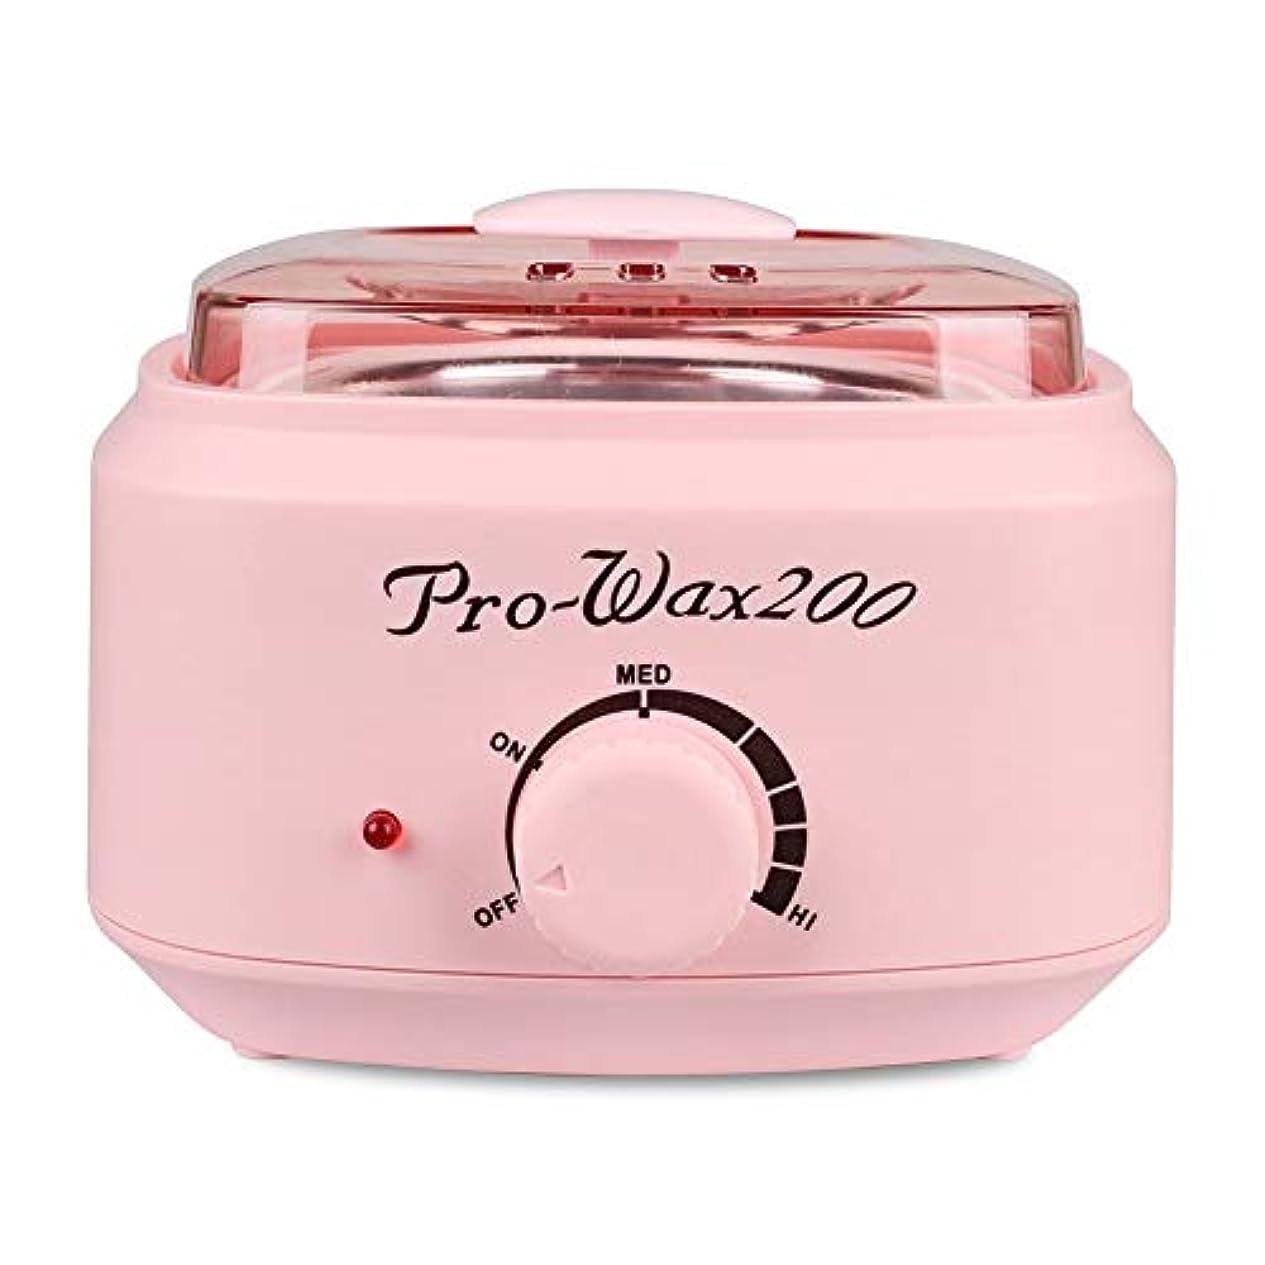 バウンド田舎免疫するプロの電気ワックスウォーマーとヒーター、速くて痛みのない脱毛、楽器多機能溶融ワックスマシンホームワックス女性/男性用500CC (Color : Pink)